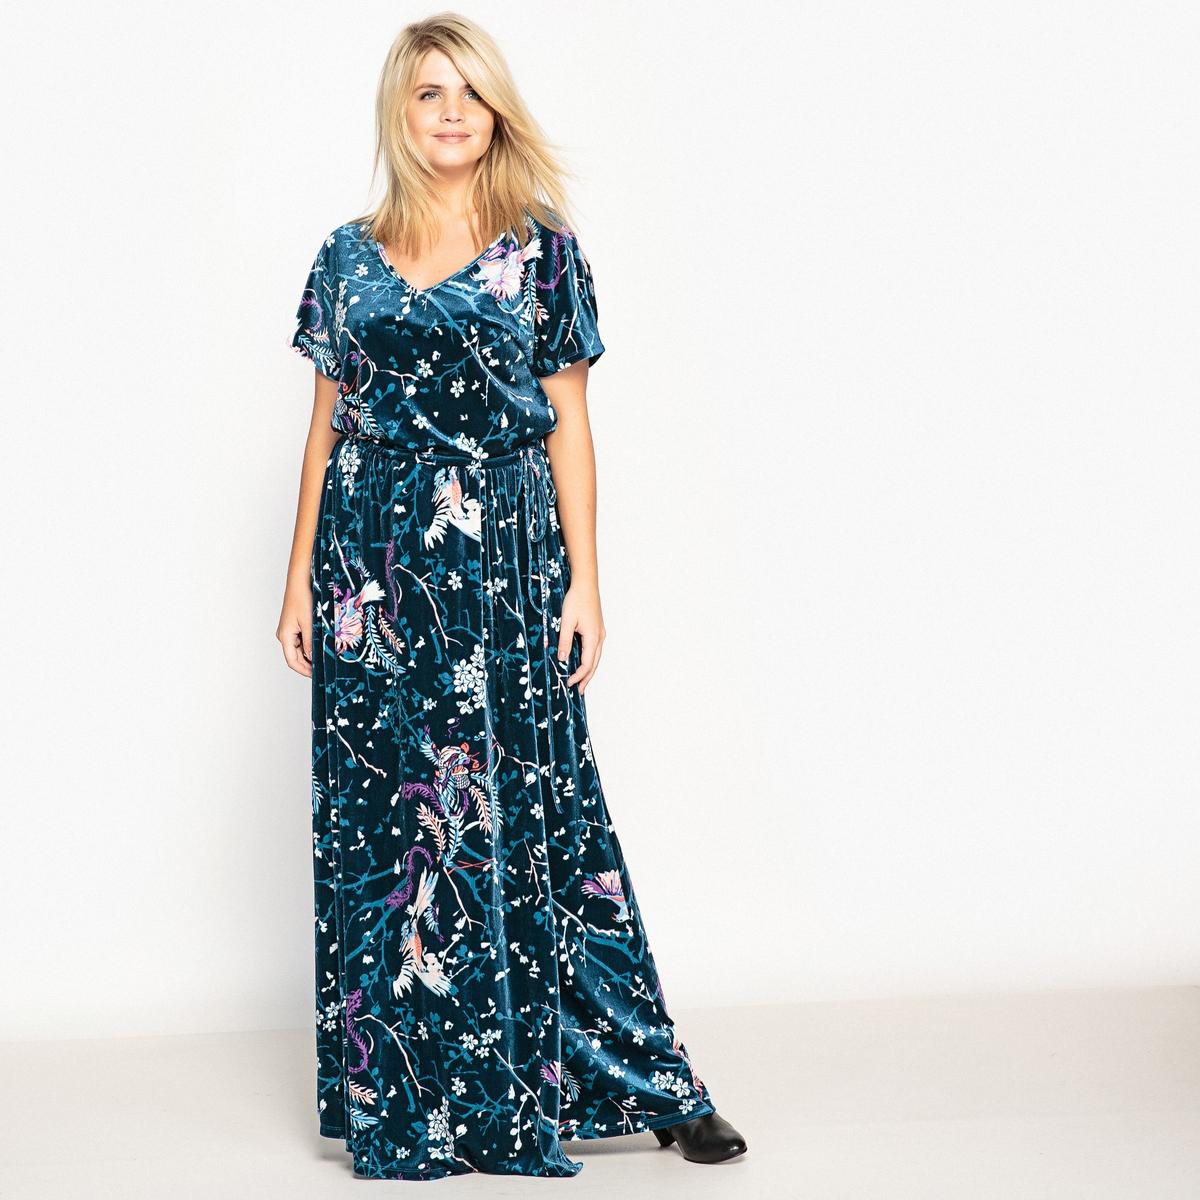 Платье-макси трикотажное с рисунком и короткими рукавамиОписание:Очень женственное длинное платье из велюрового трикотажа. Козыри длинного платья : великолепный рисунок и очень мягкий велюровый трикотаж.Детали   •  Форма : прямая •  Длина ниже колен •  Короткие рукава    •   V-образный вырез •  Рисунок-принтСостав и уход •  8% эластана, 92% полиэстера •  Температура стирки 30° на деликатном режиме   •  Не использовать сухую чистку / не отбеливать   •  Не использовать барабанную сушку   •  Низкая температура глажки Товар из коллекции больших размеров<br><br>Цвет: рисунок японский<br>Размер: 42 (FR) - 48 (RUS).44 (FR) - 50 (RUS).50 (FR) - 56 (RUS).46 (FR) - 52 (RUS)